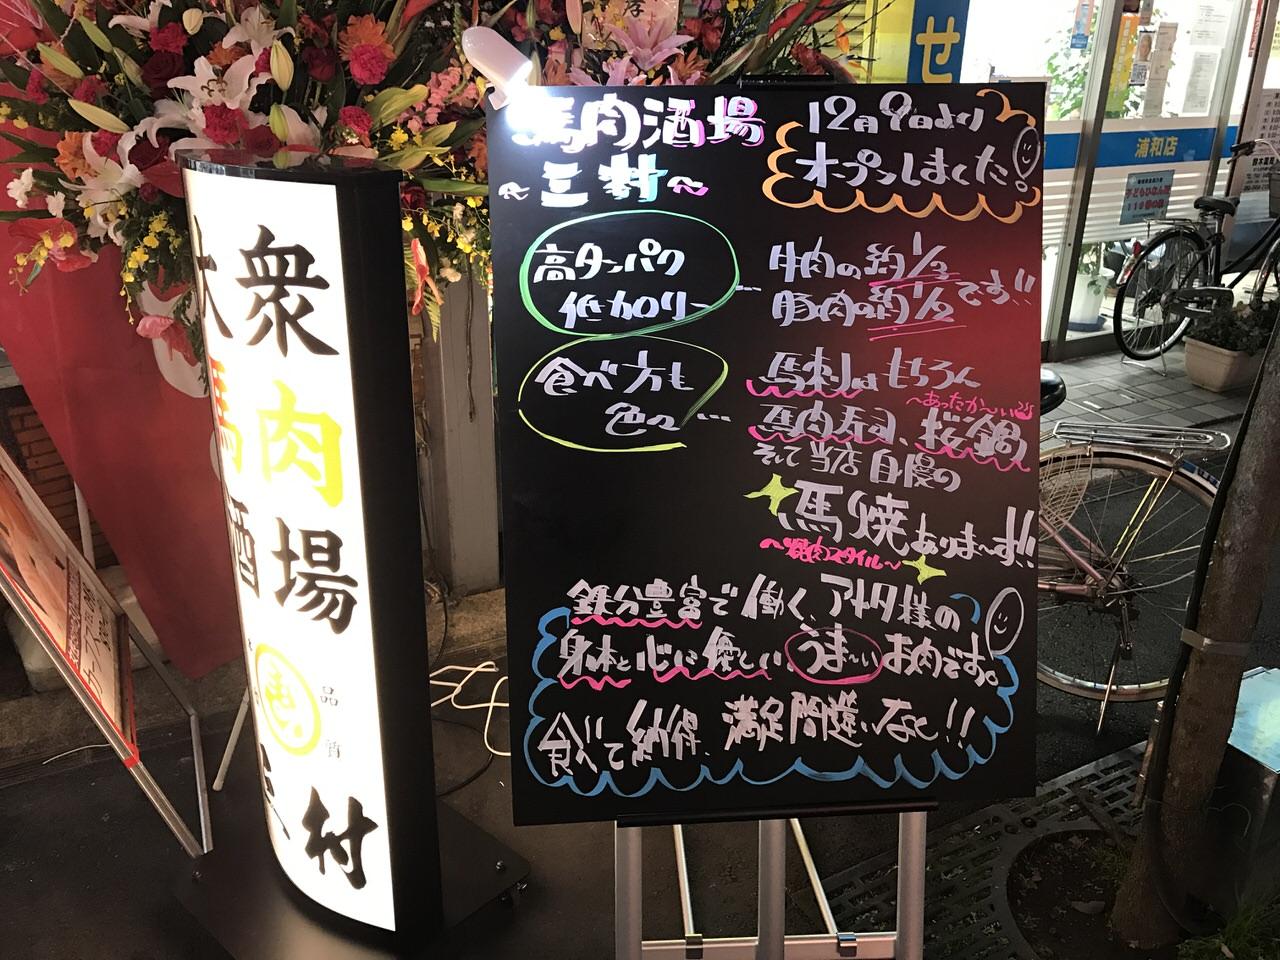 Mimura uma urawa 3261